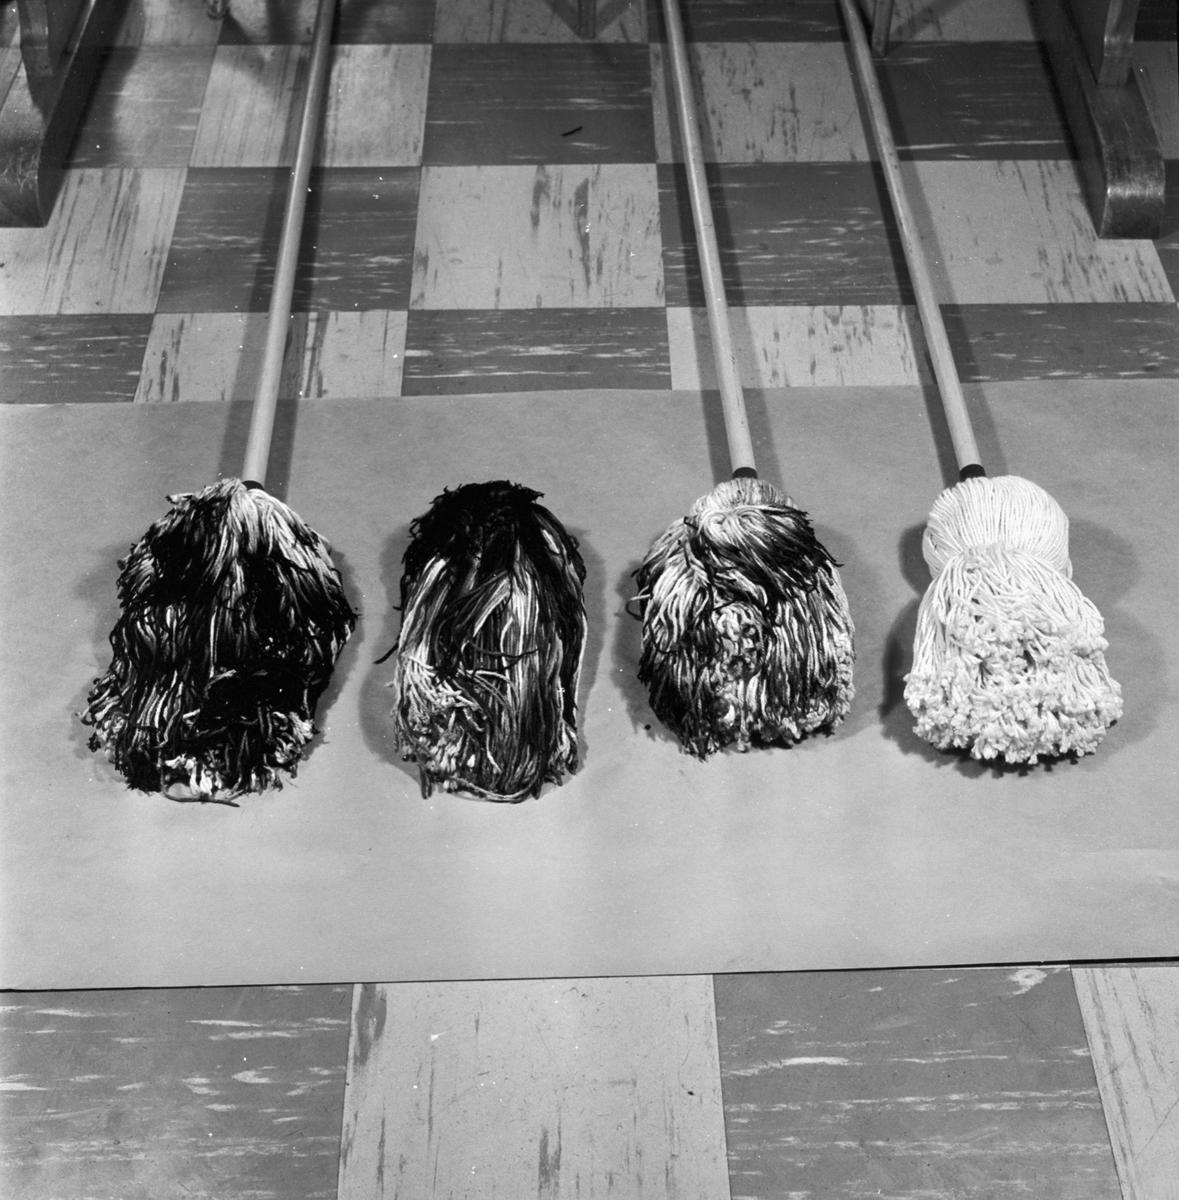 Övrigt: Foto datum: 16/4 1964 Verkstäder och personal. Golmoppar (bränt material). Närmast identisk bild: V28562, V28563 och V28565, ej skannade